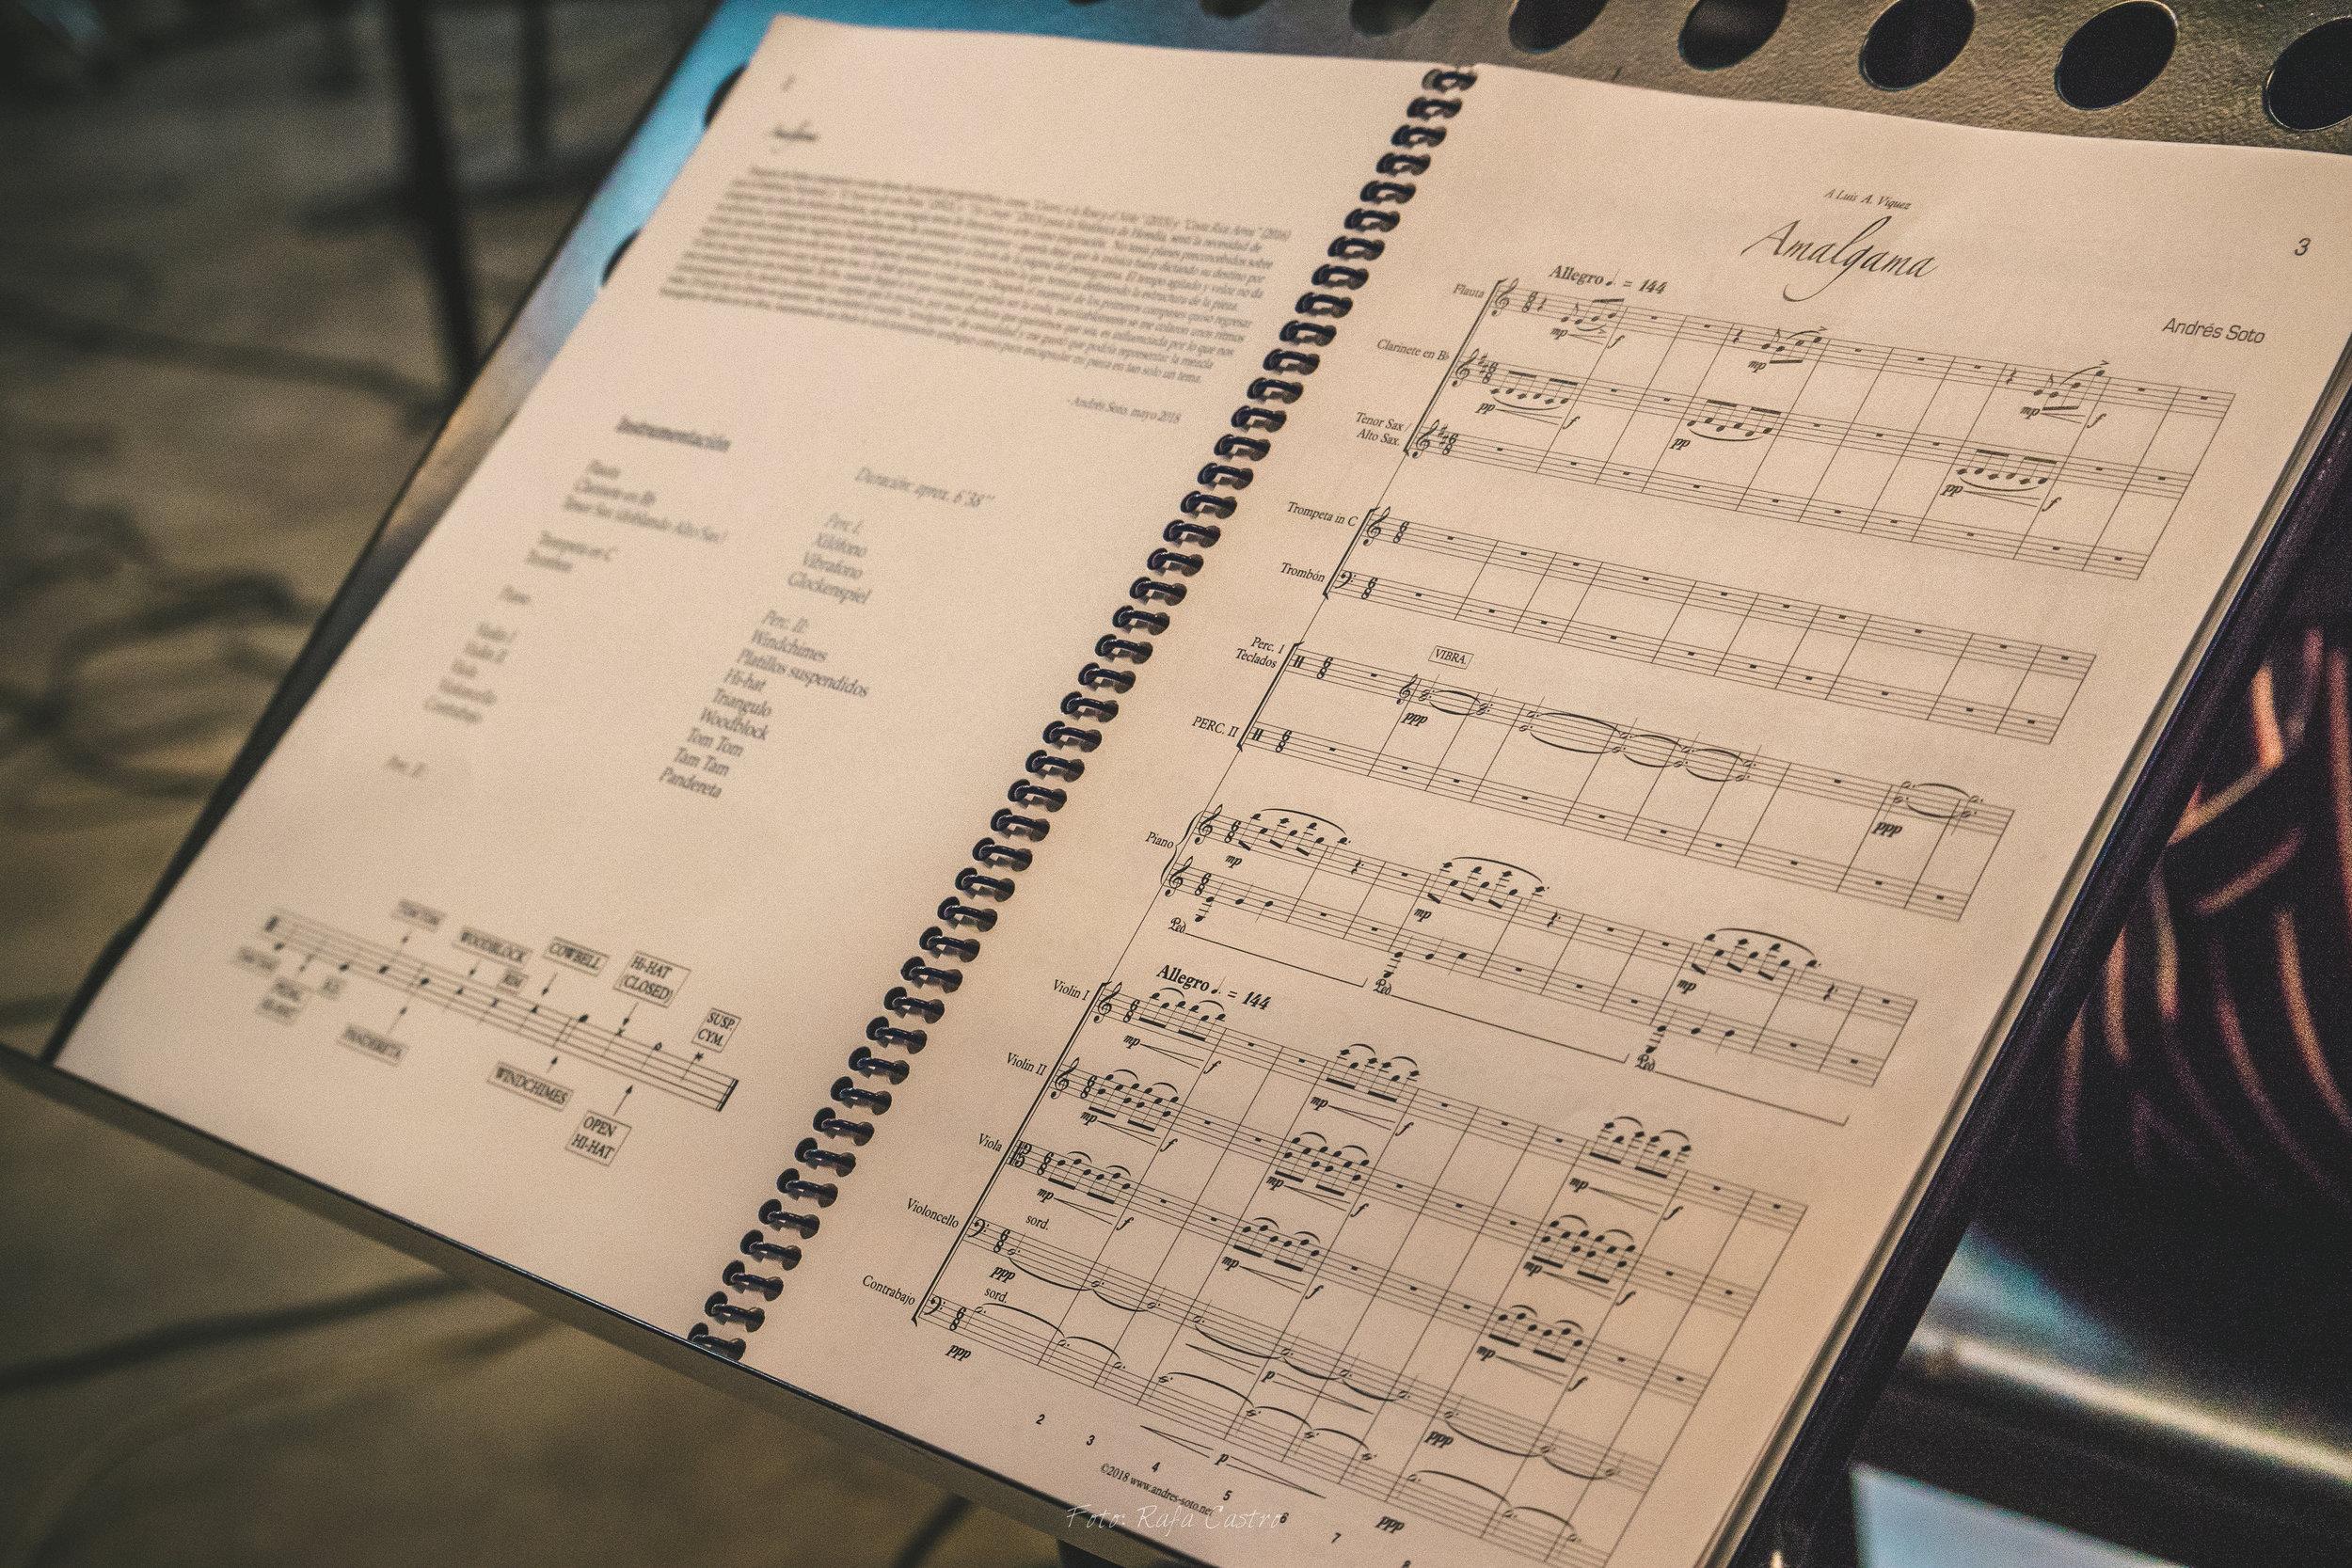 Andrés Soto y Orquesta Sinfónica Heredia-24.jpg